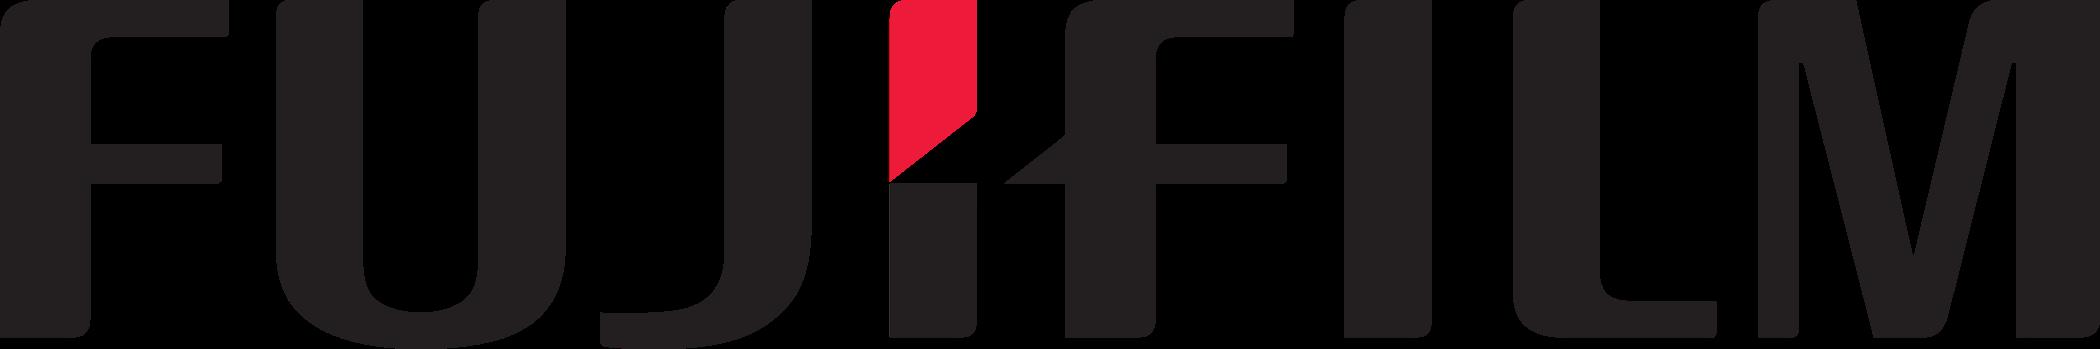 fujifilm logo 1 - Fujifilm Logo